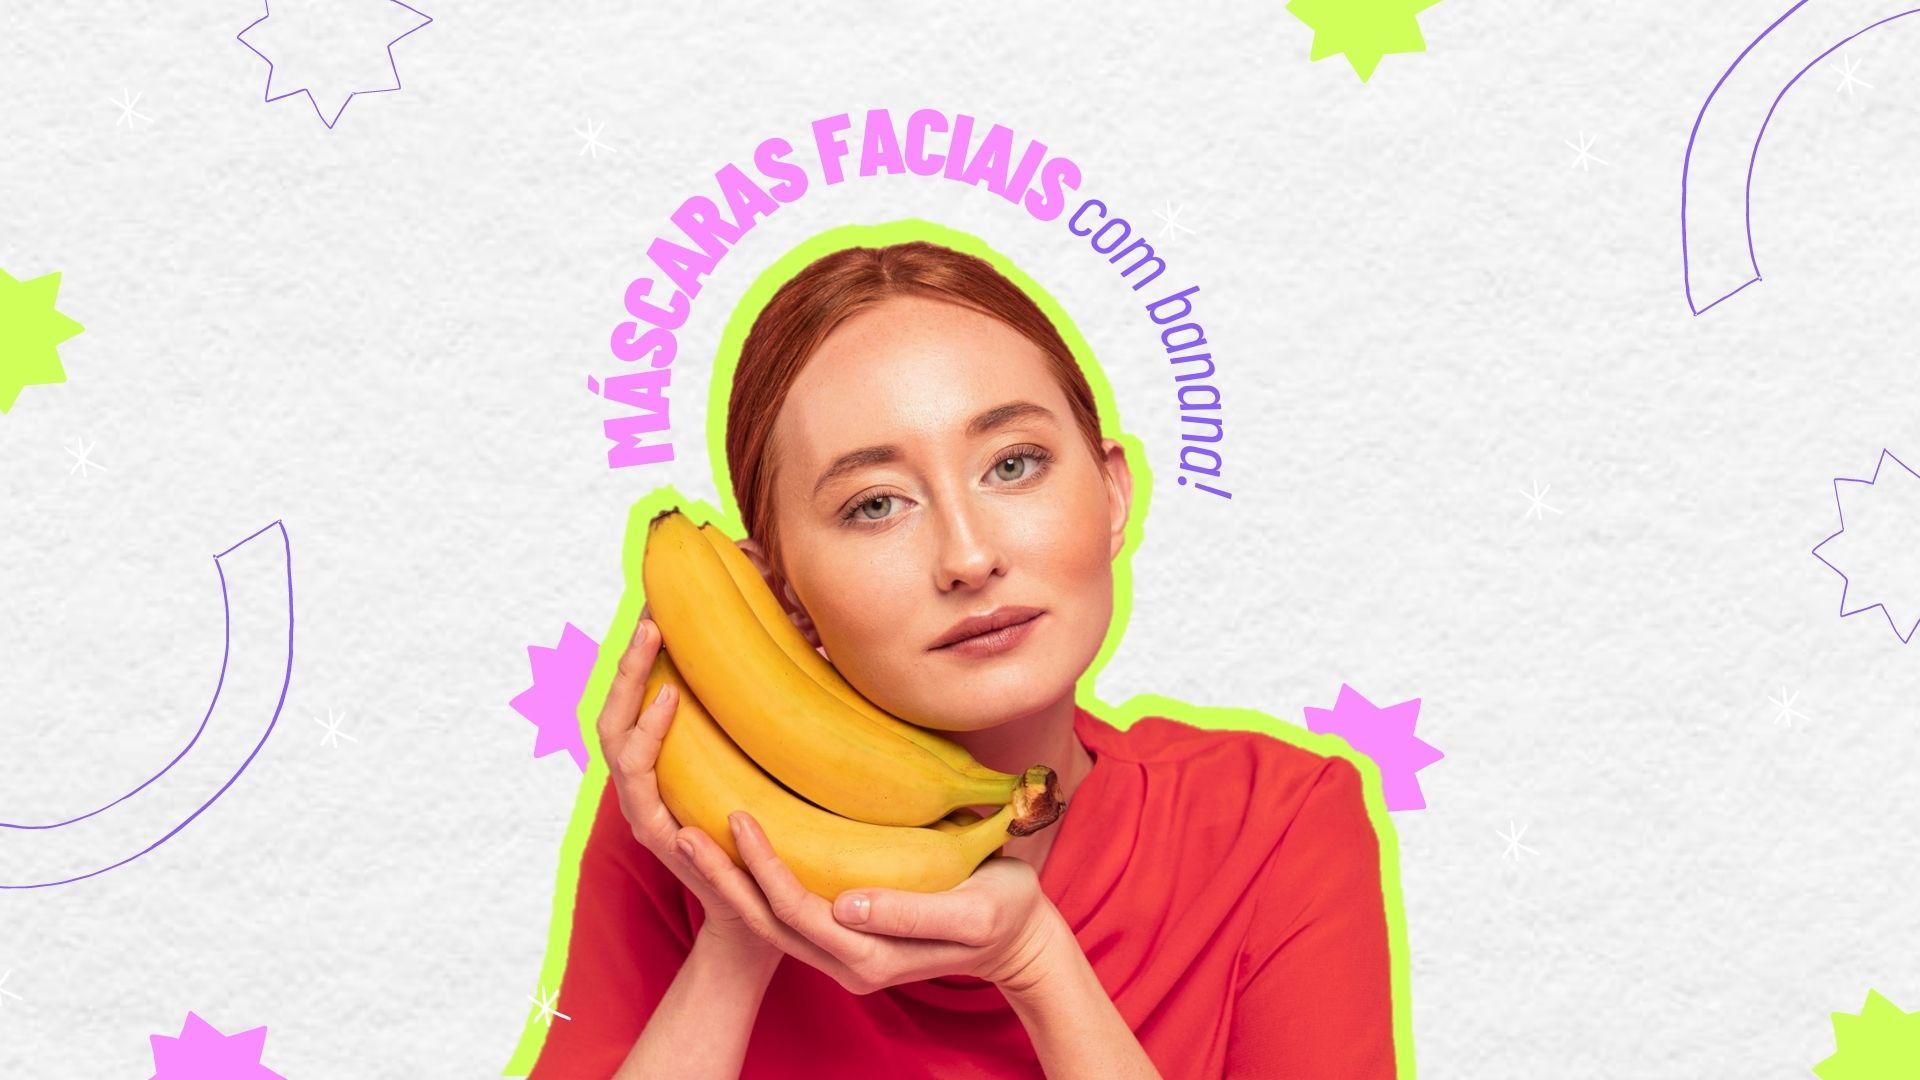 receitas de mascaras faciais